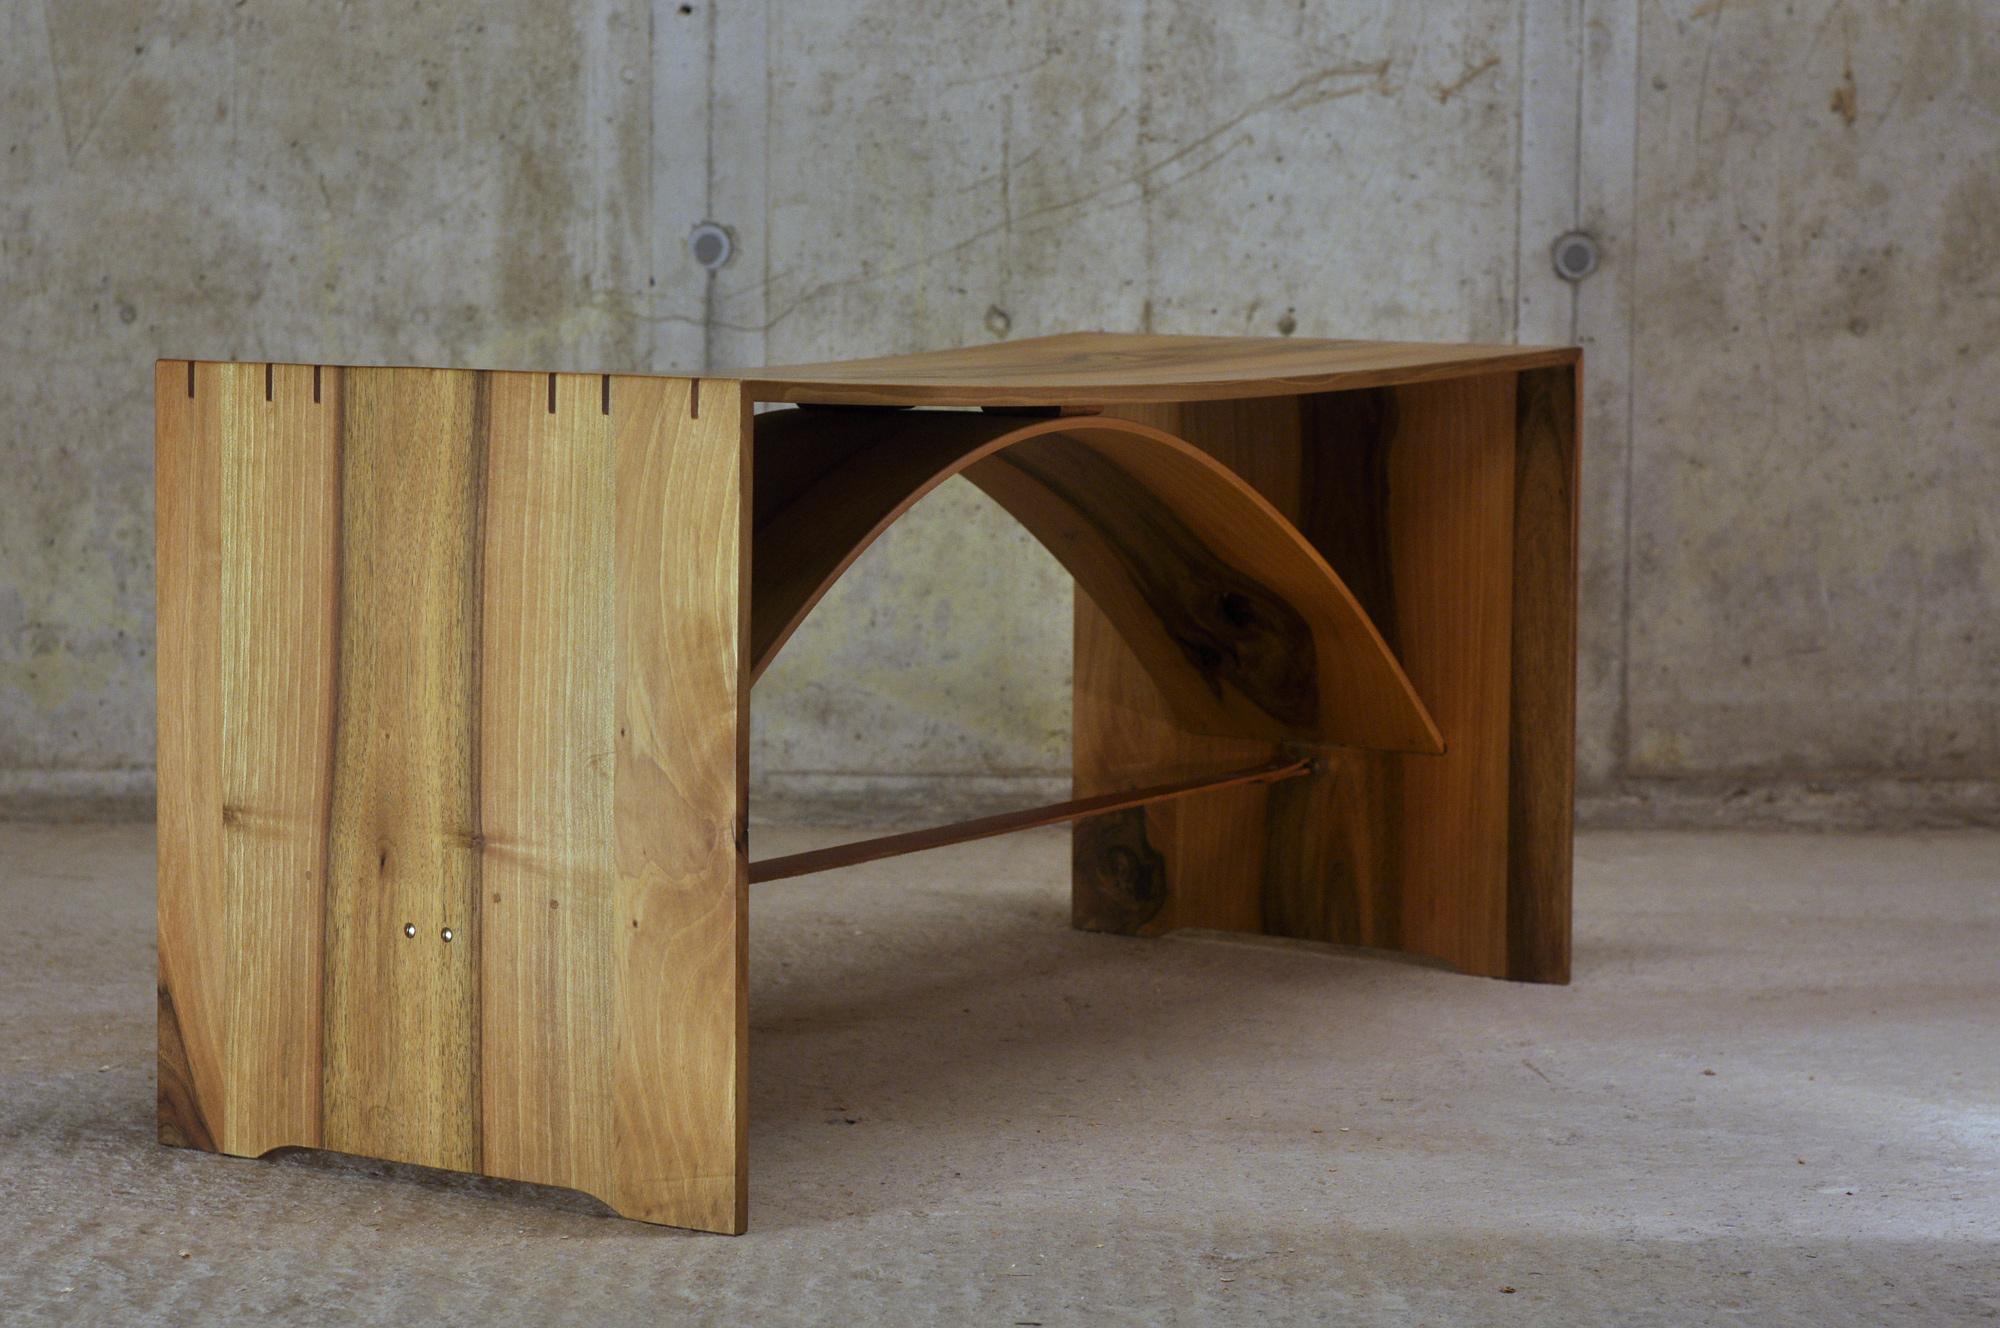 nussbaumbank michael daschner schreinerei murnau. Black Bedroom Furniture Sets. Home Design Ideas